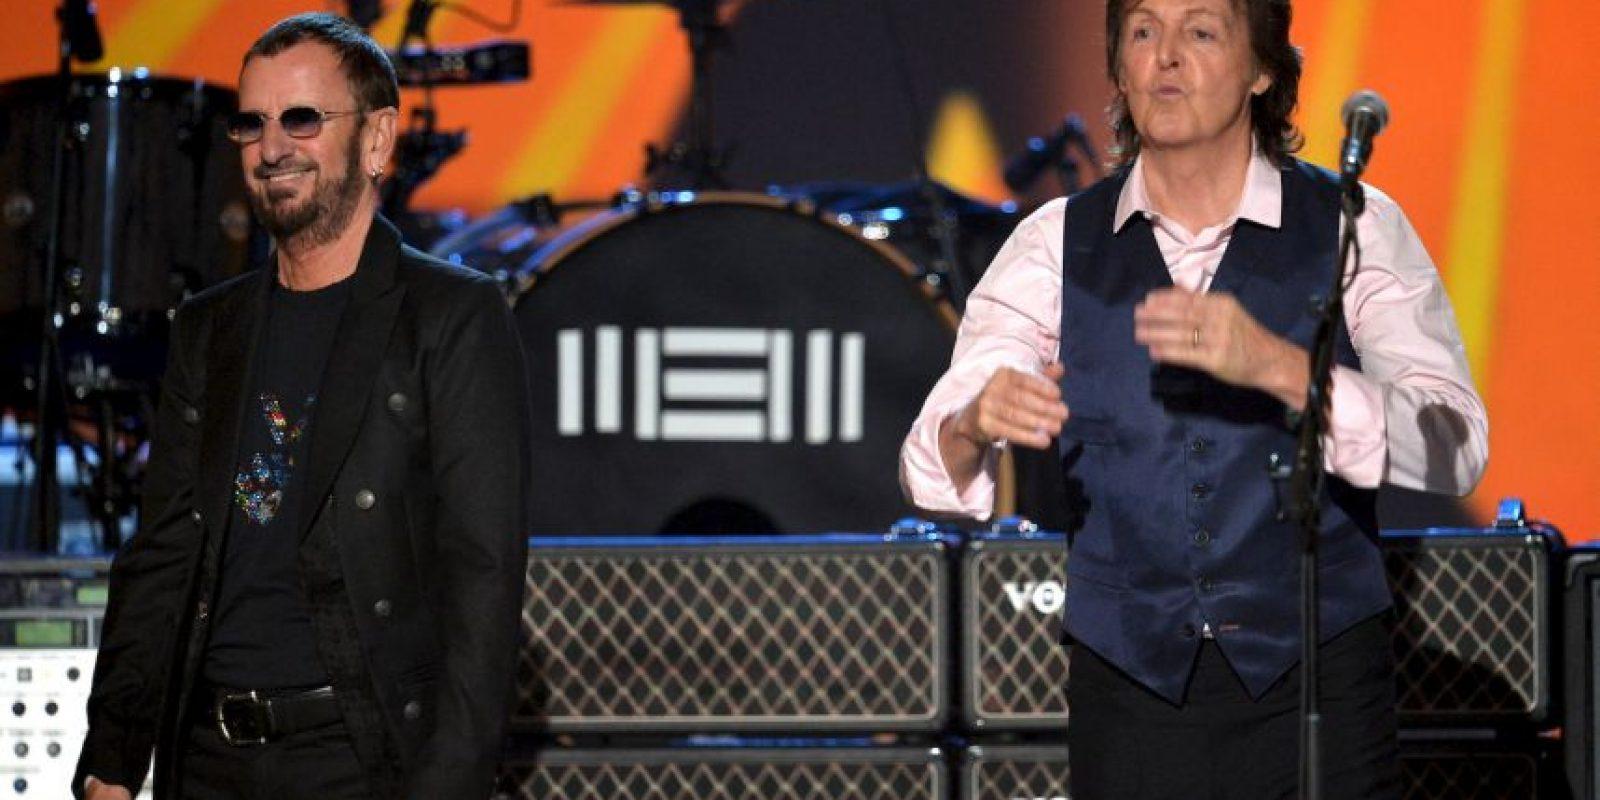 2014; durante la entrega del Premio Grammy, ya que se cumplieron 50 años de su llegada a Estados Unidos Foto:Getty Images